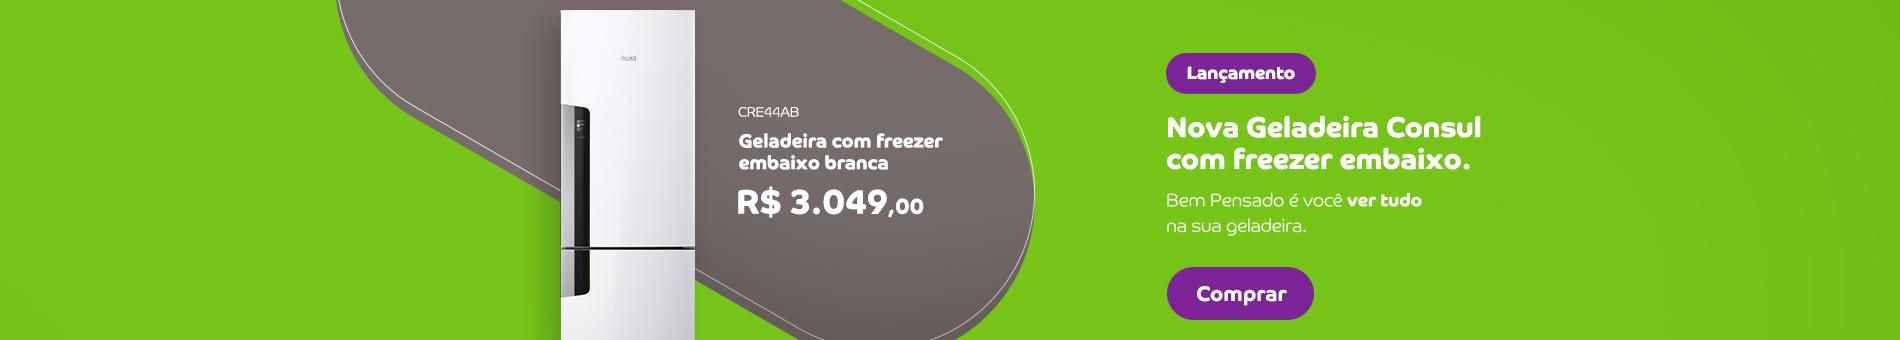 Promoção Interna - 3290 - lancamento_CRE44AB-preco_11072019_home1 - CRE44AB-preco - 1